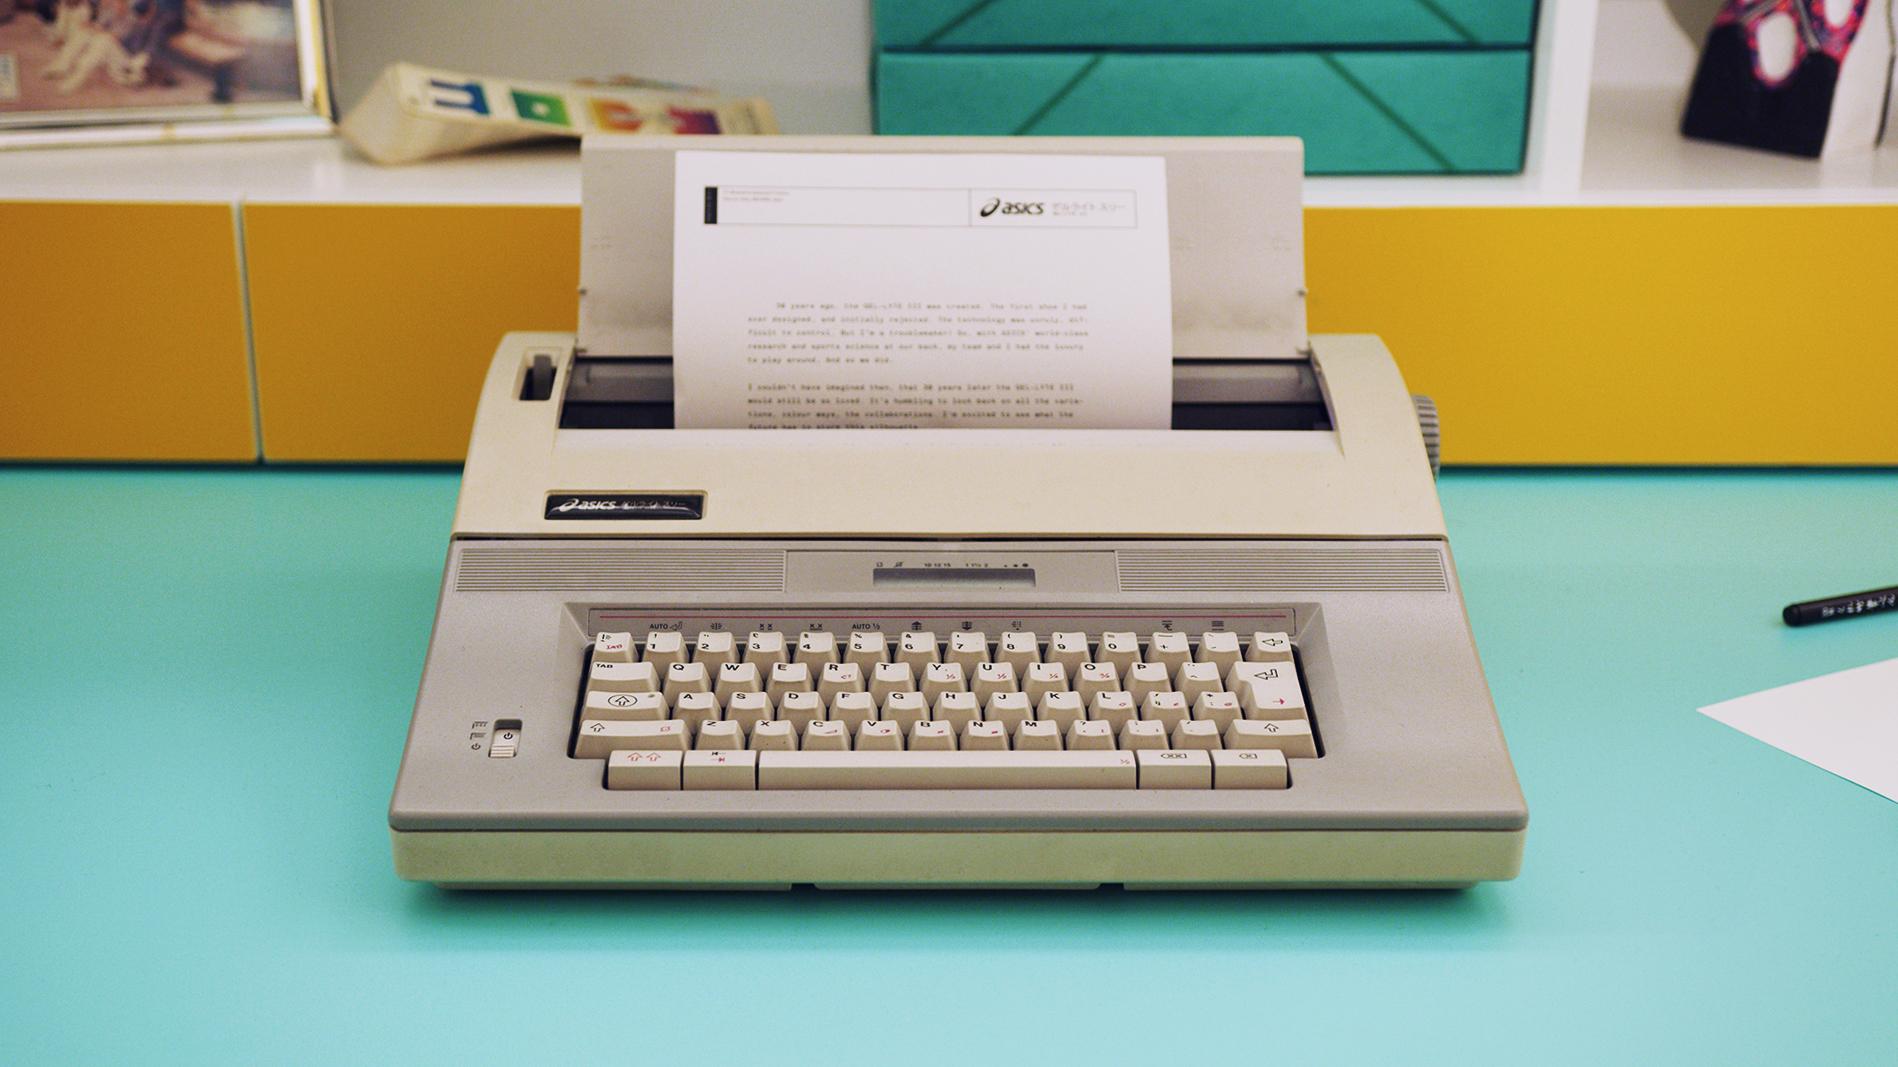 ASICS-GEL-LYTE-III-30-Year-Celebration-22Mitsui-Museum22-Paris-Fashion-Week-2019-–-Office-Space-Detail-Typewriter